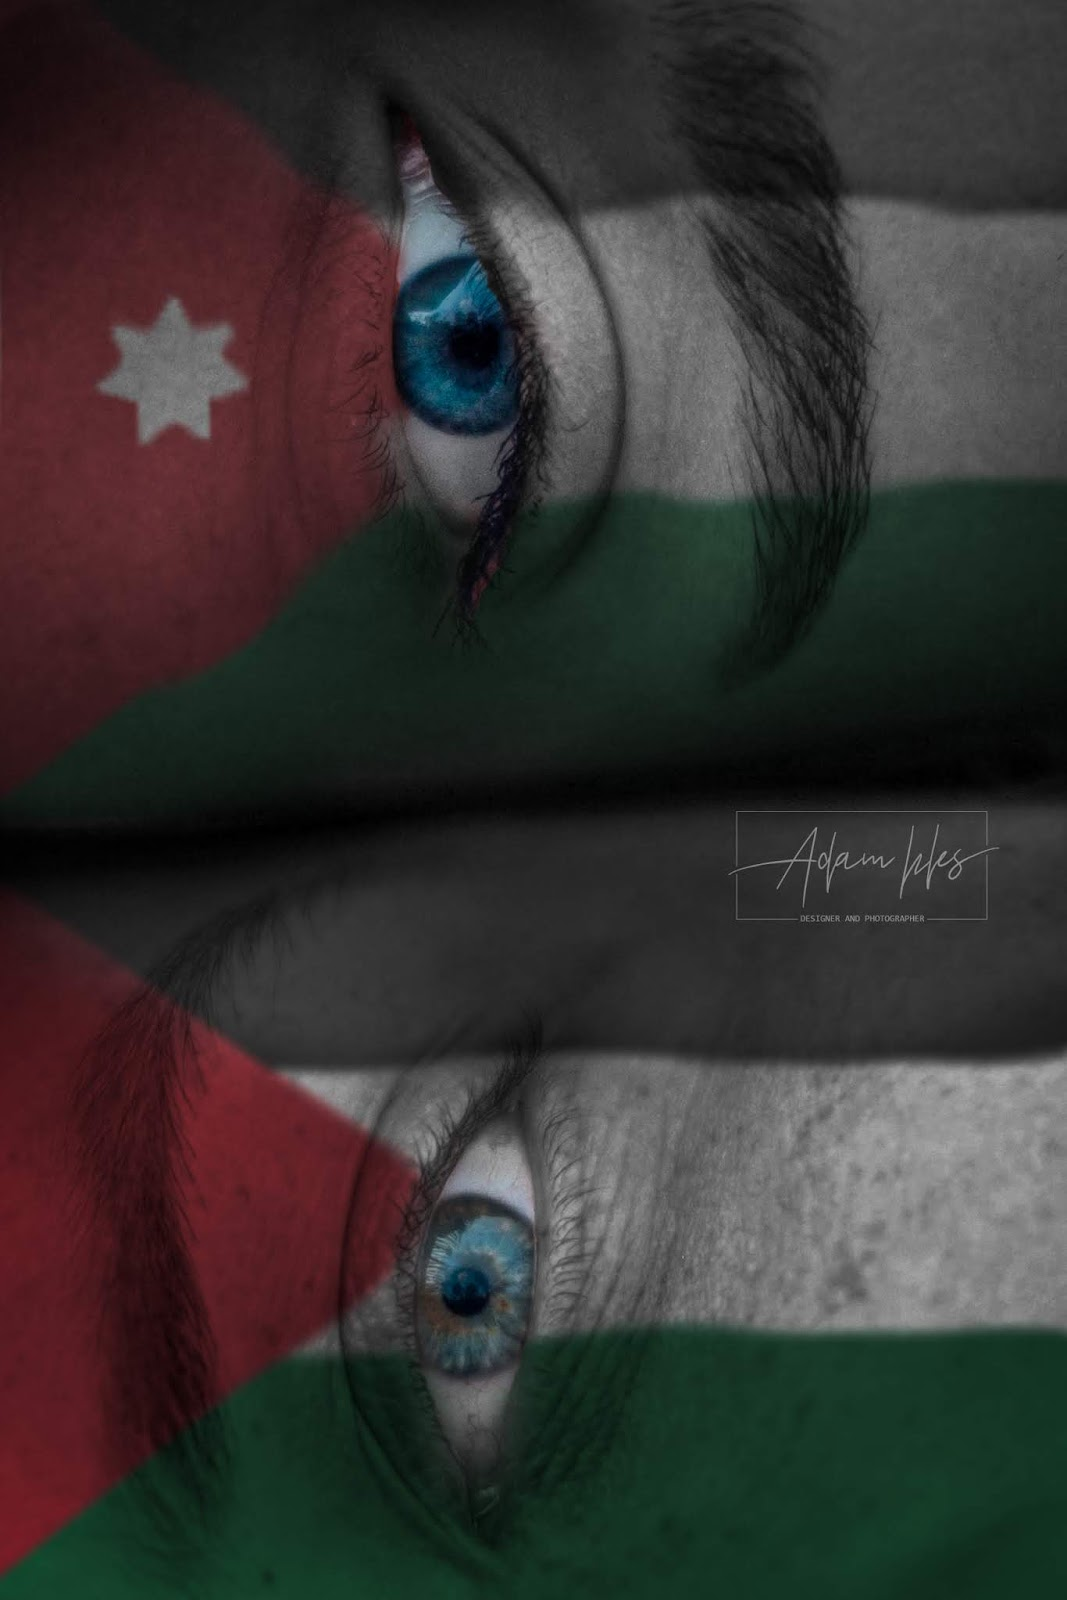 علم الأردن وعلم فلسطين